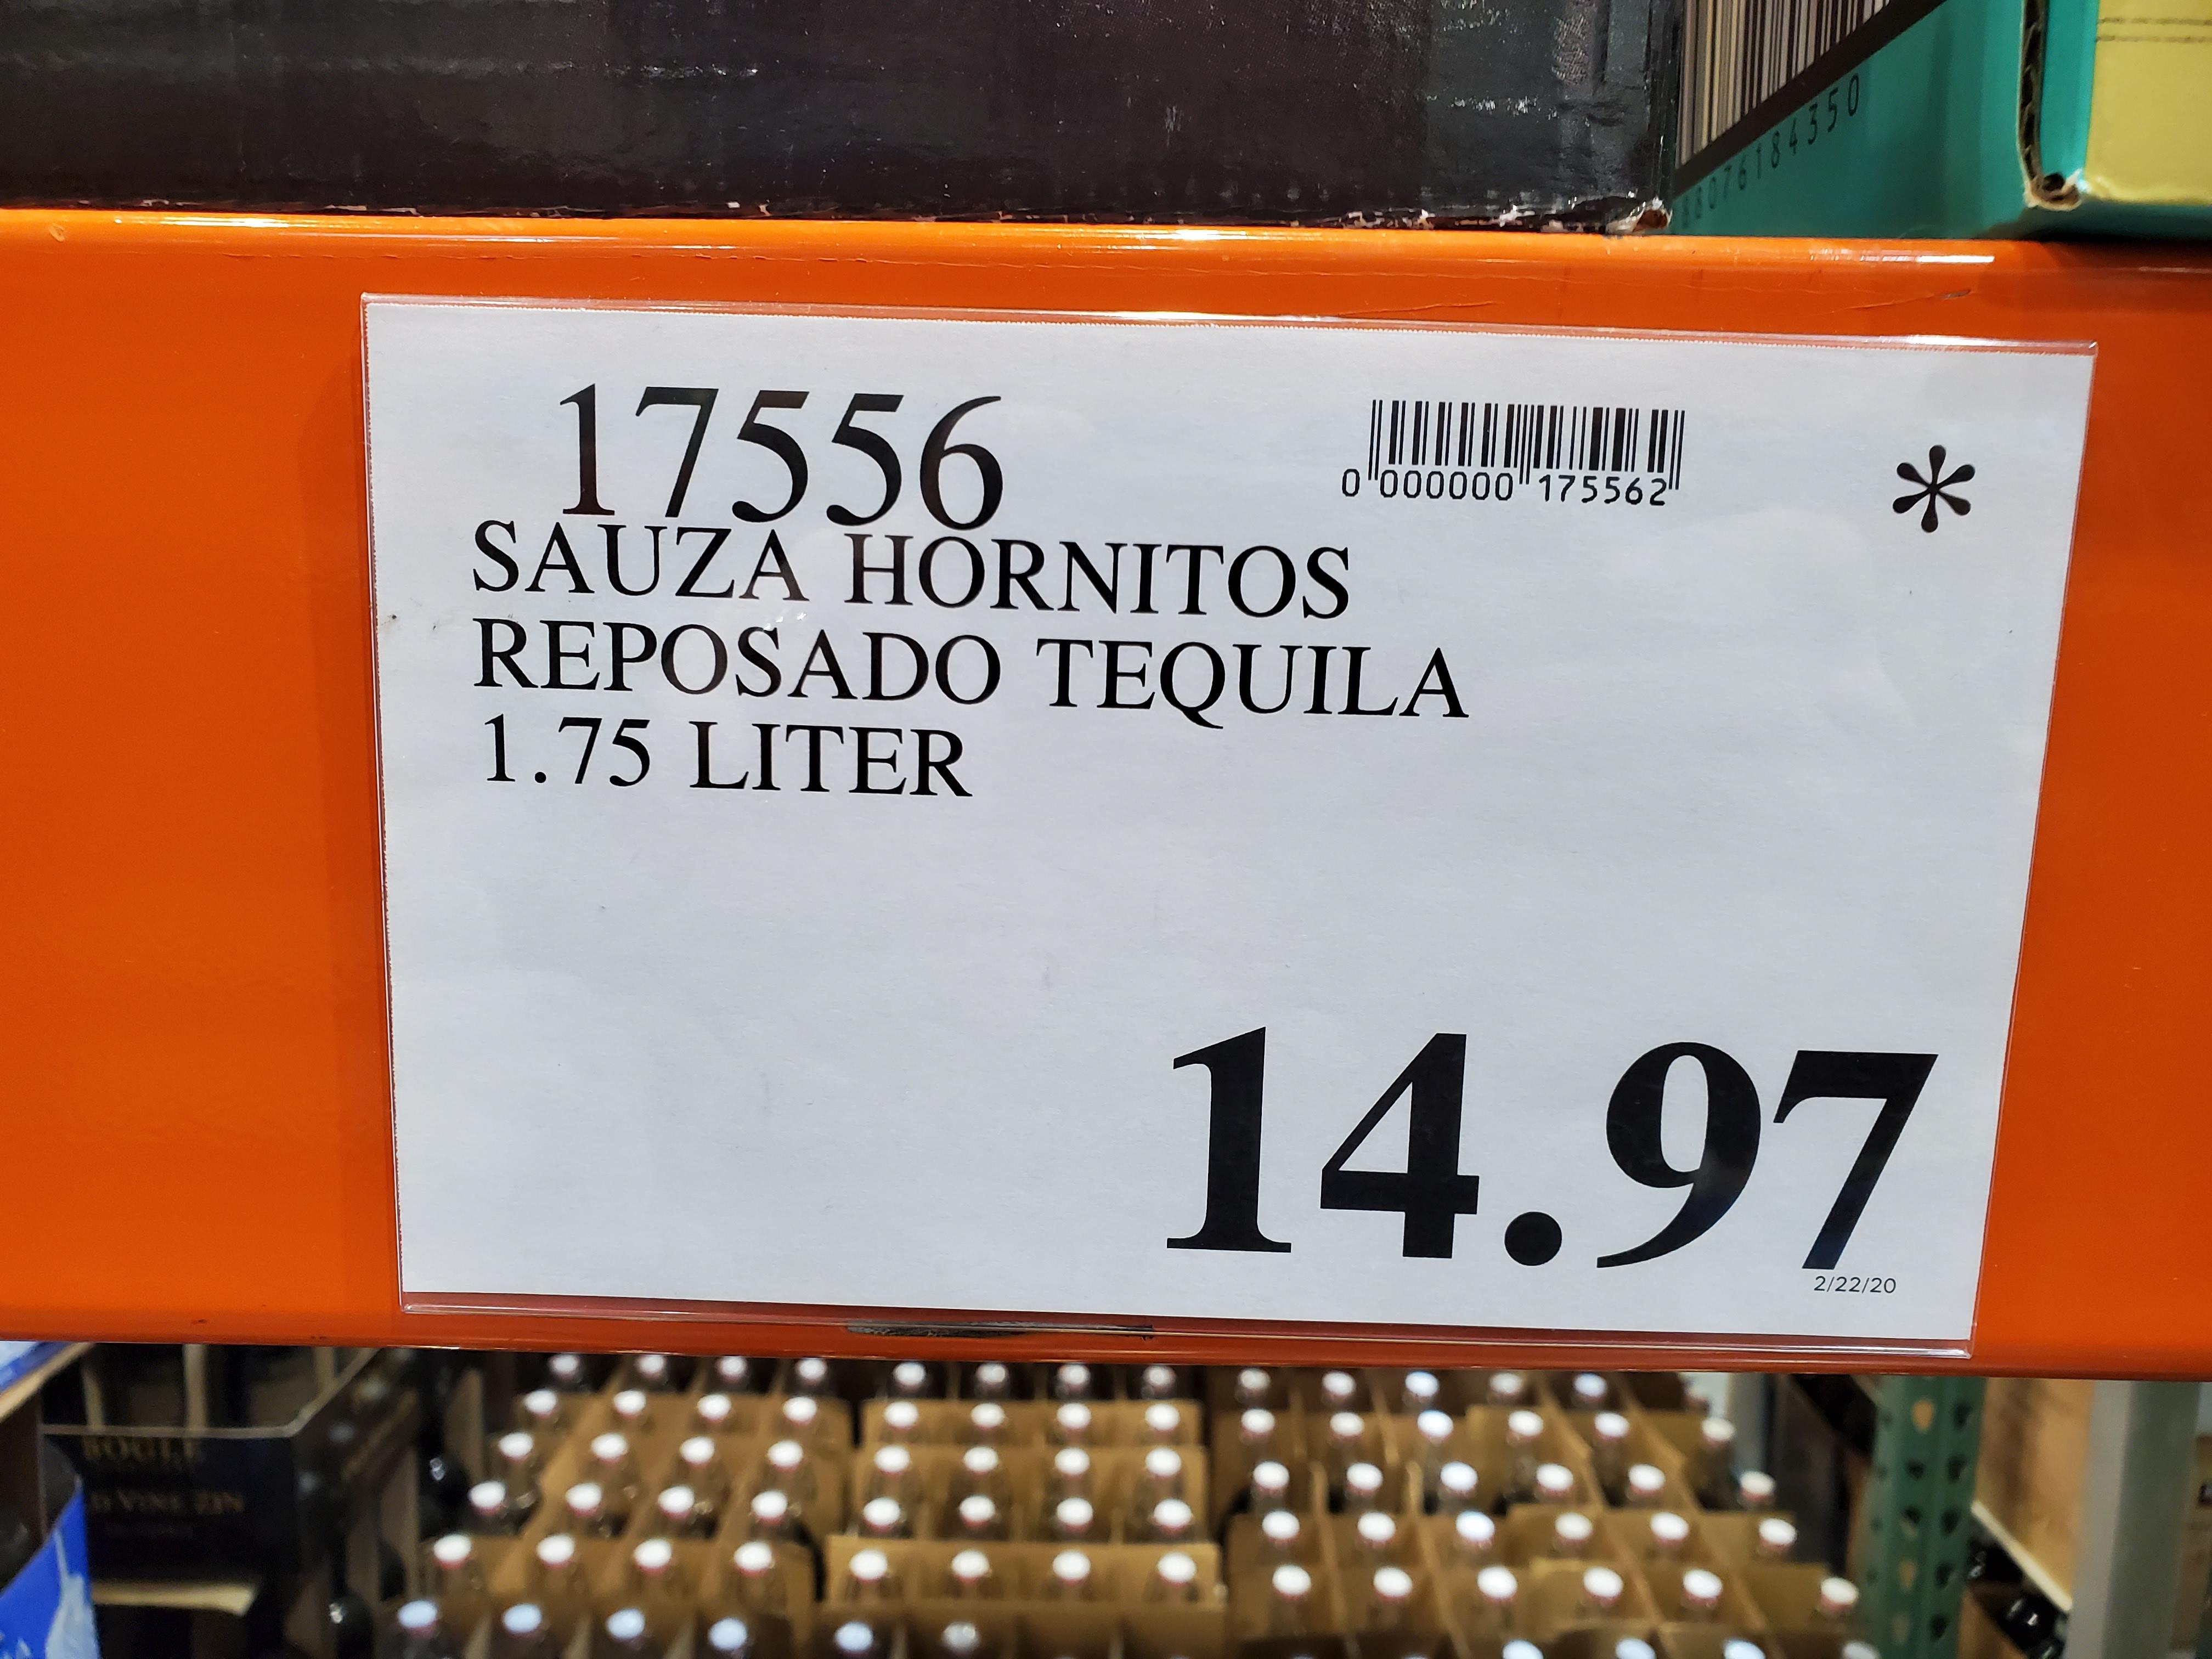 Sauza Hornitos 1.75L $14.97 @ Costco in store YMMV. What virus?